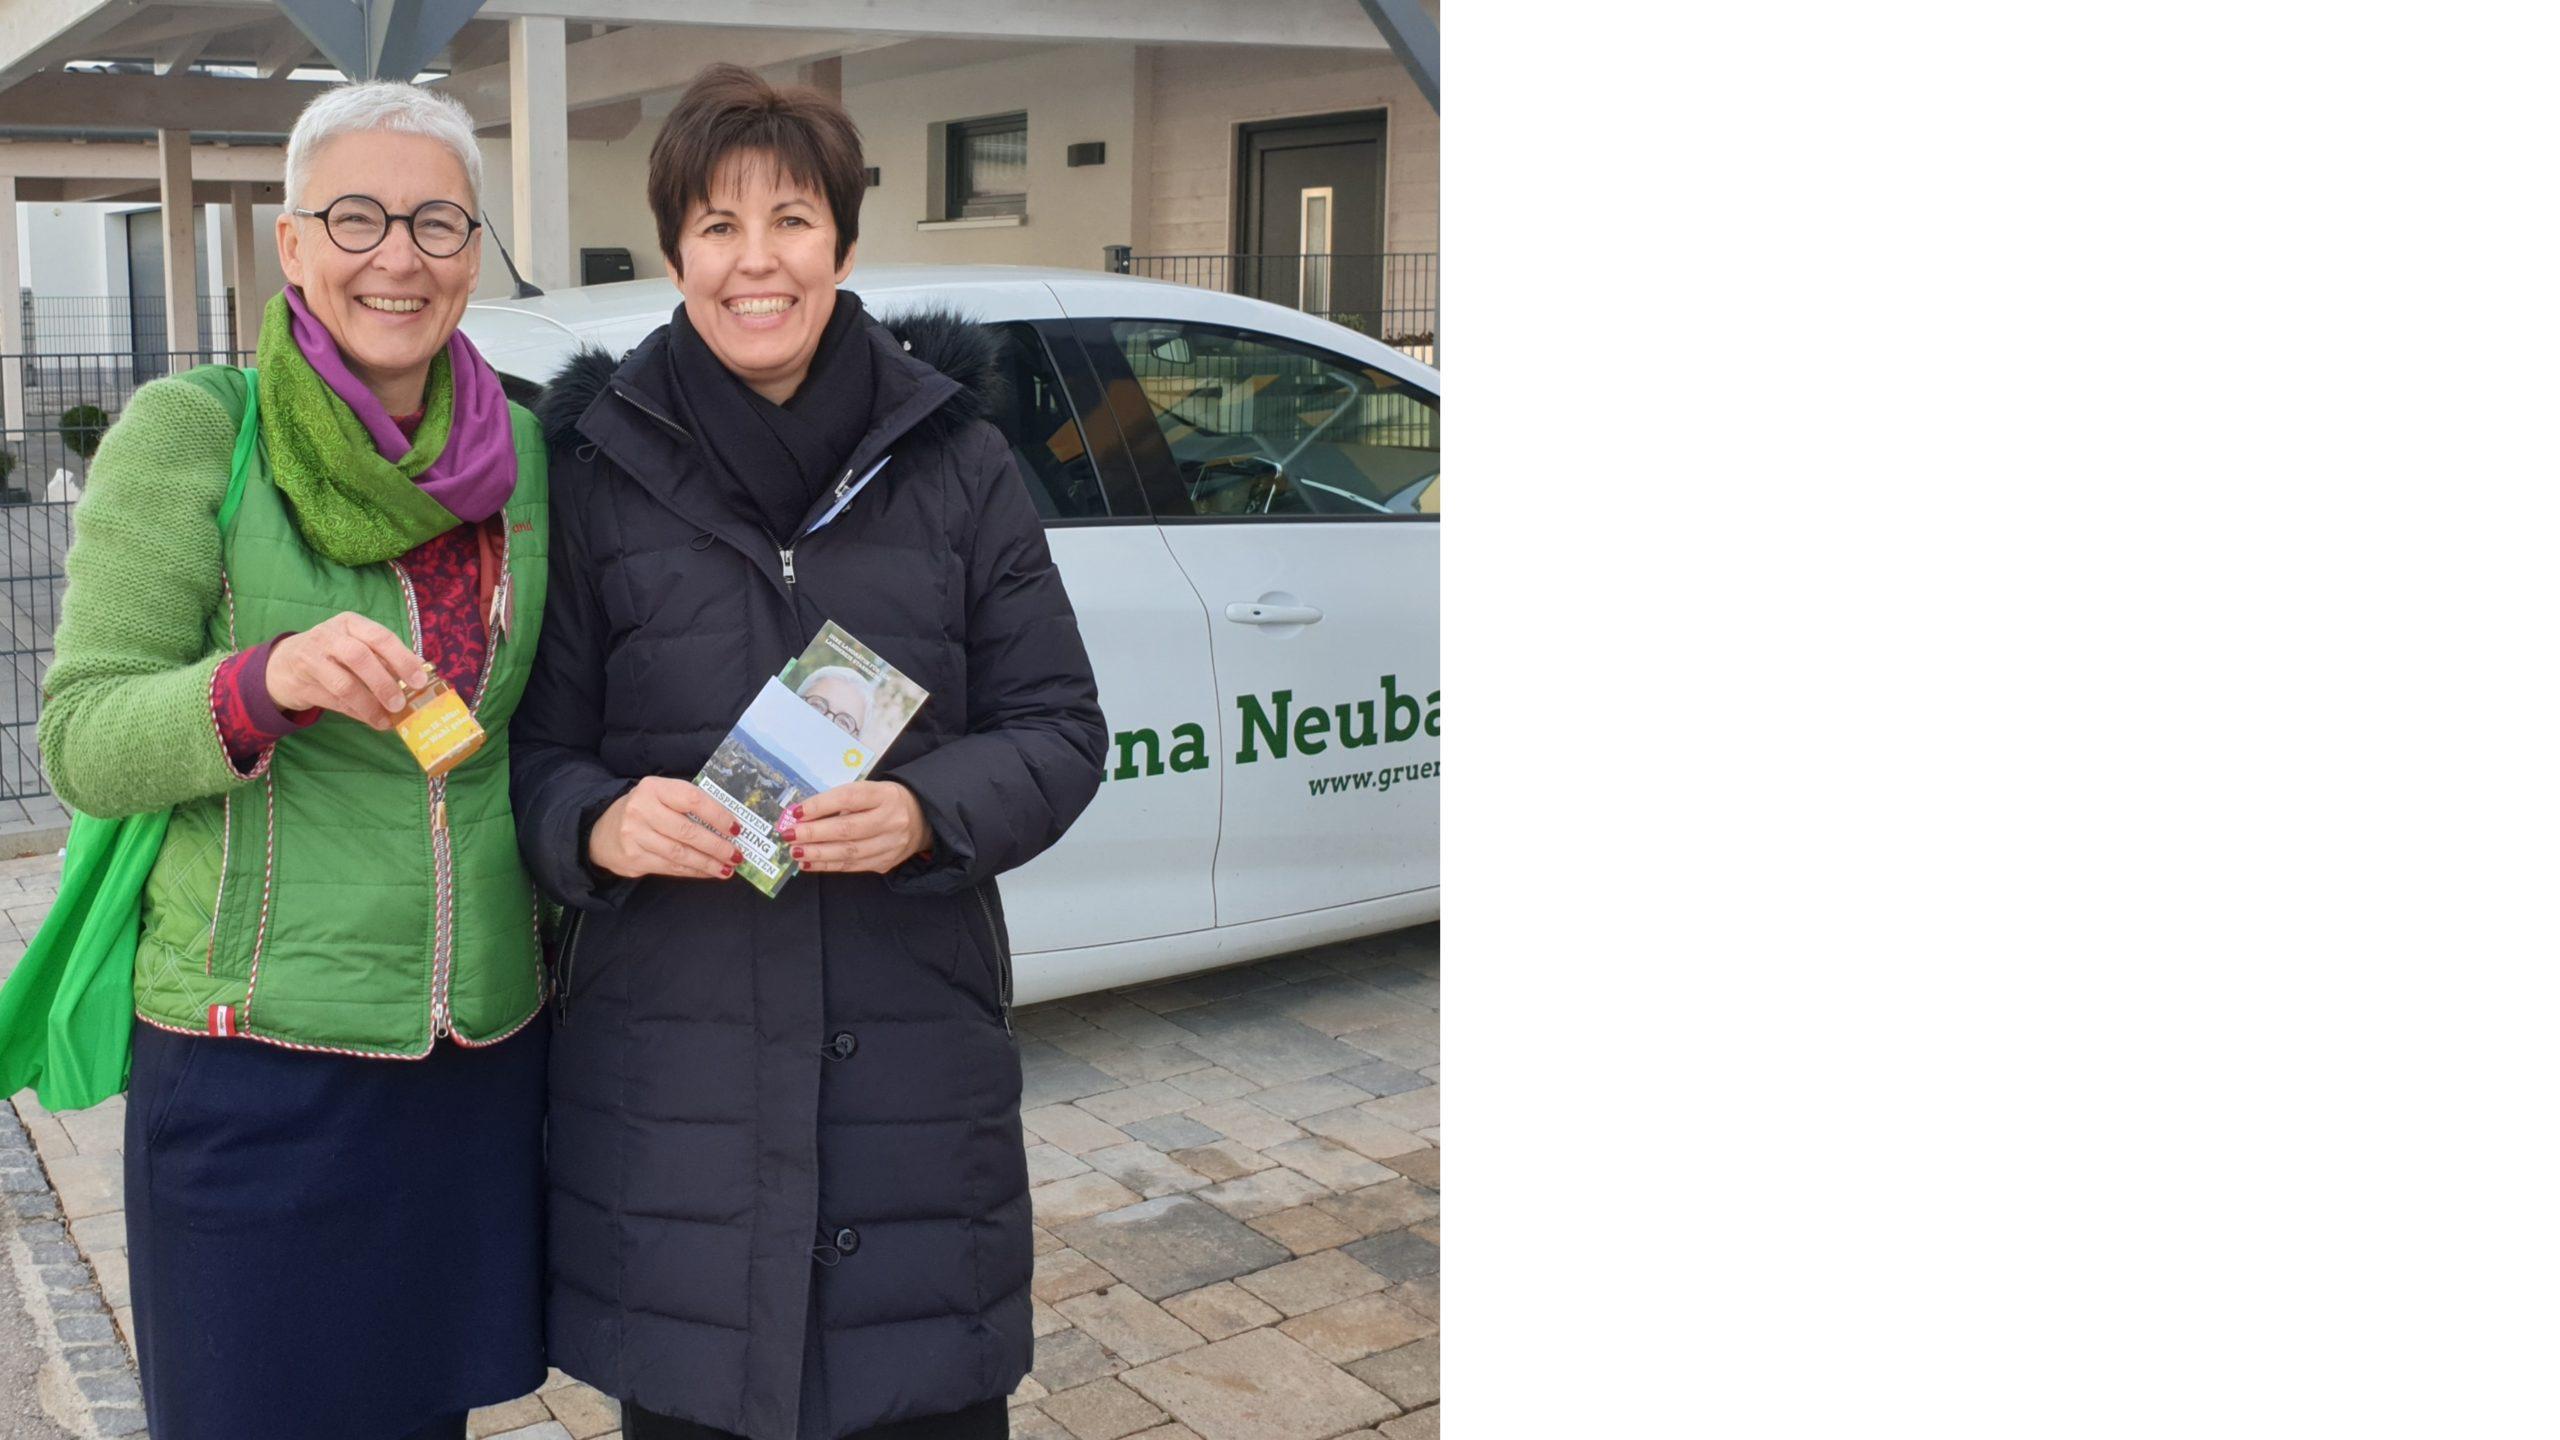 Grün klingelt: Diana Franke und Martina Neubauer unterwegs